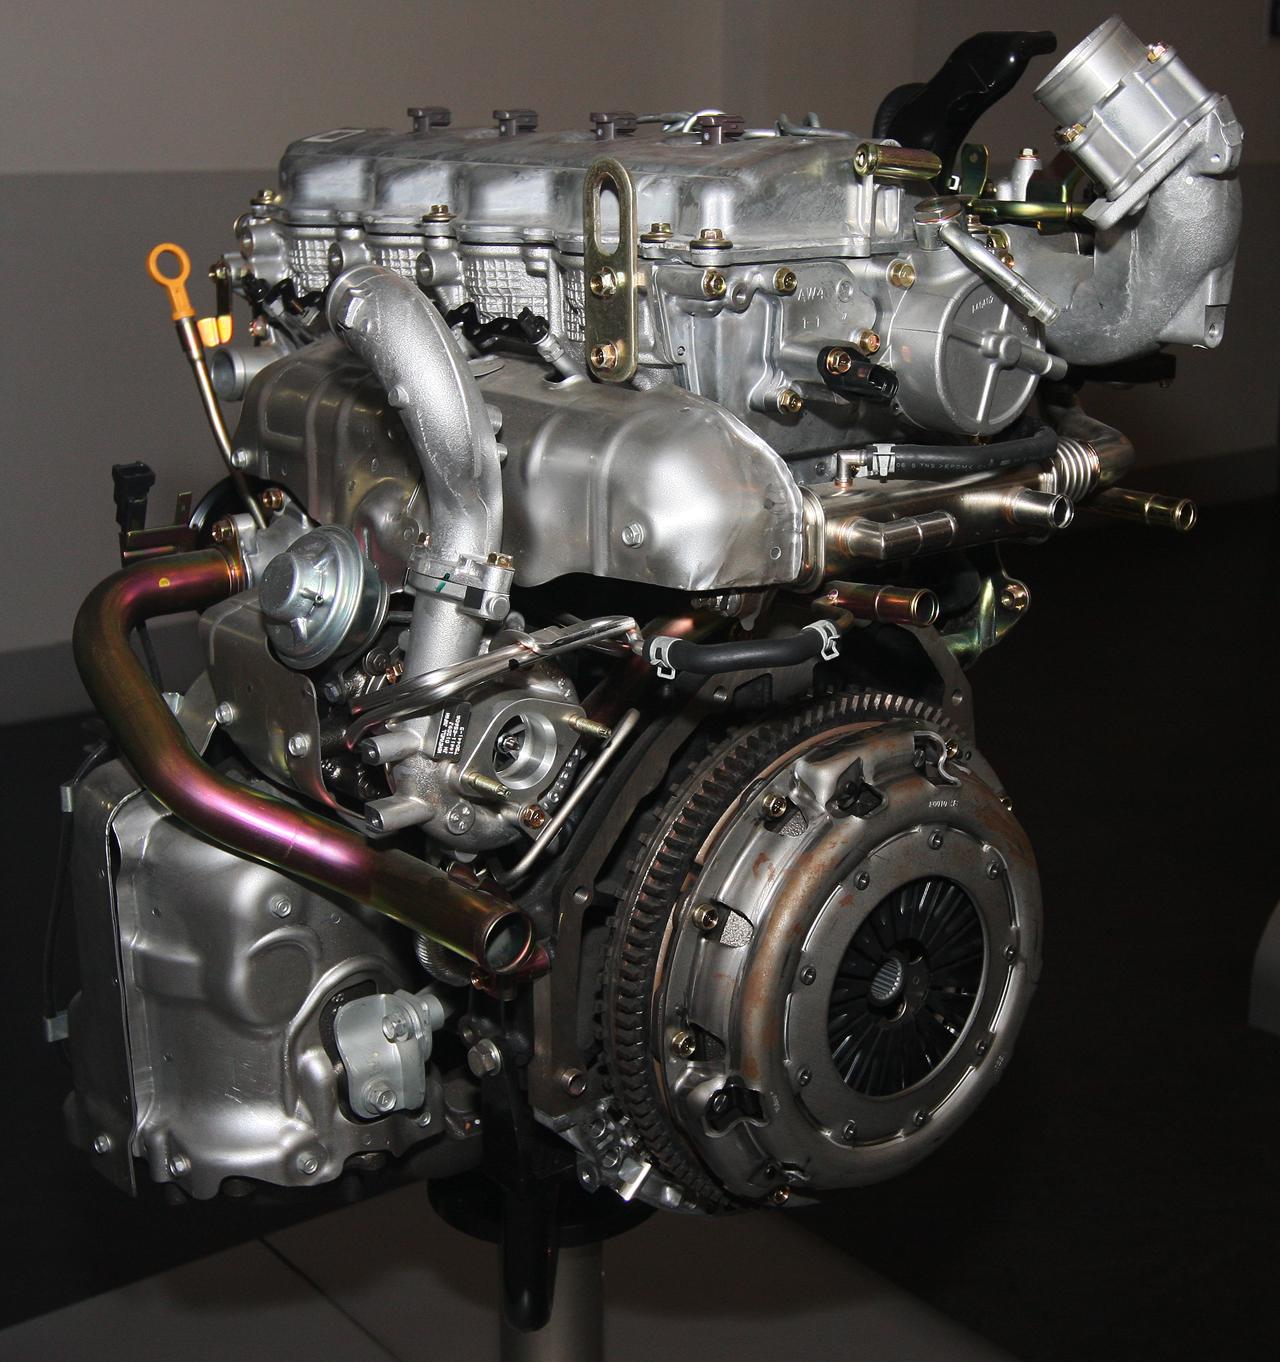 Tremendous Nissan Yd Engine Wikiwand Wiring Cloud Counpengheilarigresichrocarnosporgarnagrebsunhorelemohammedshrineorg